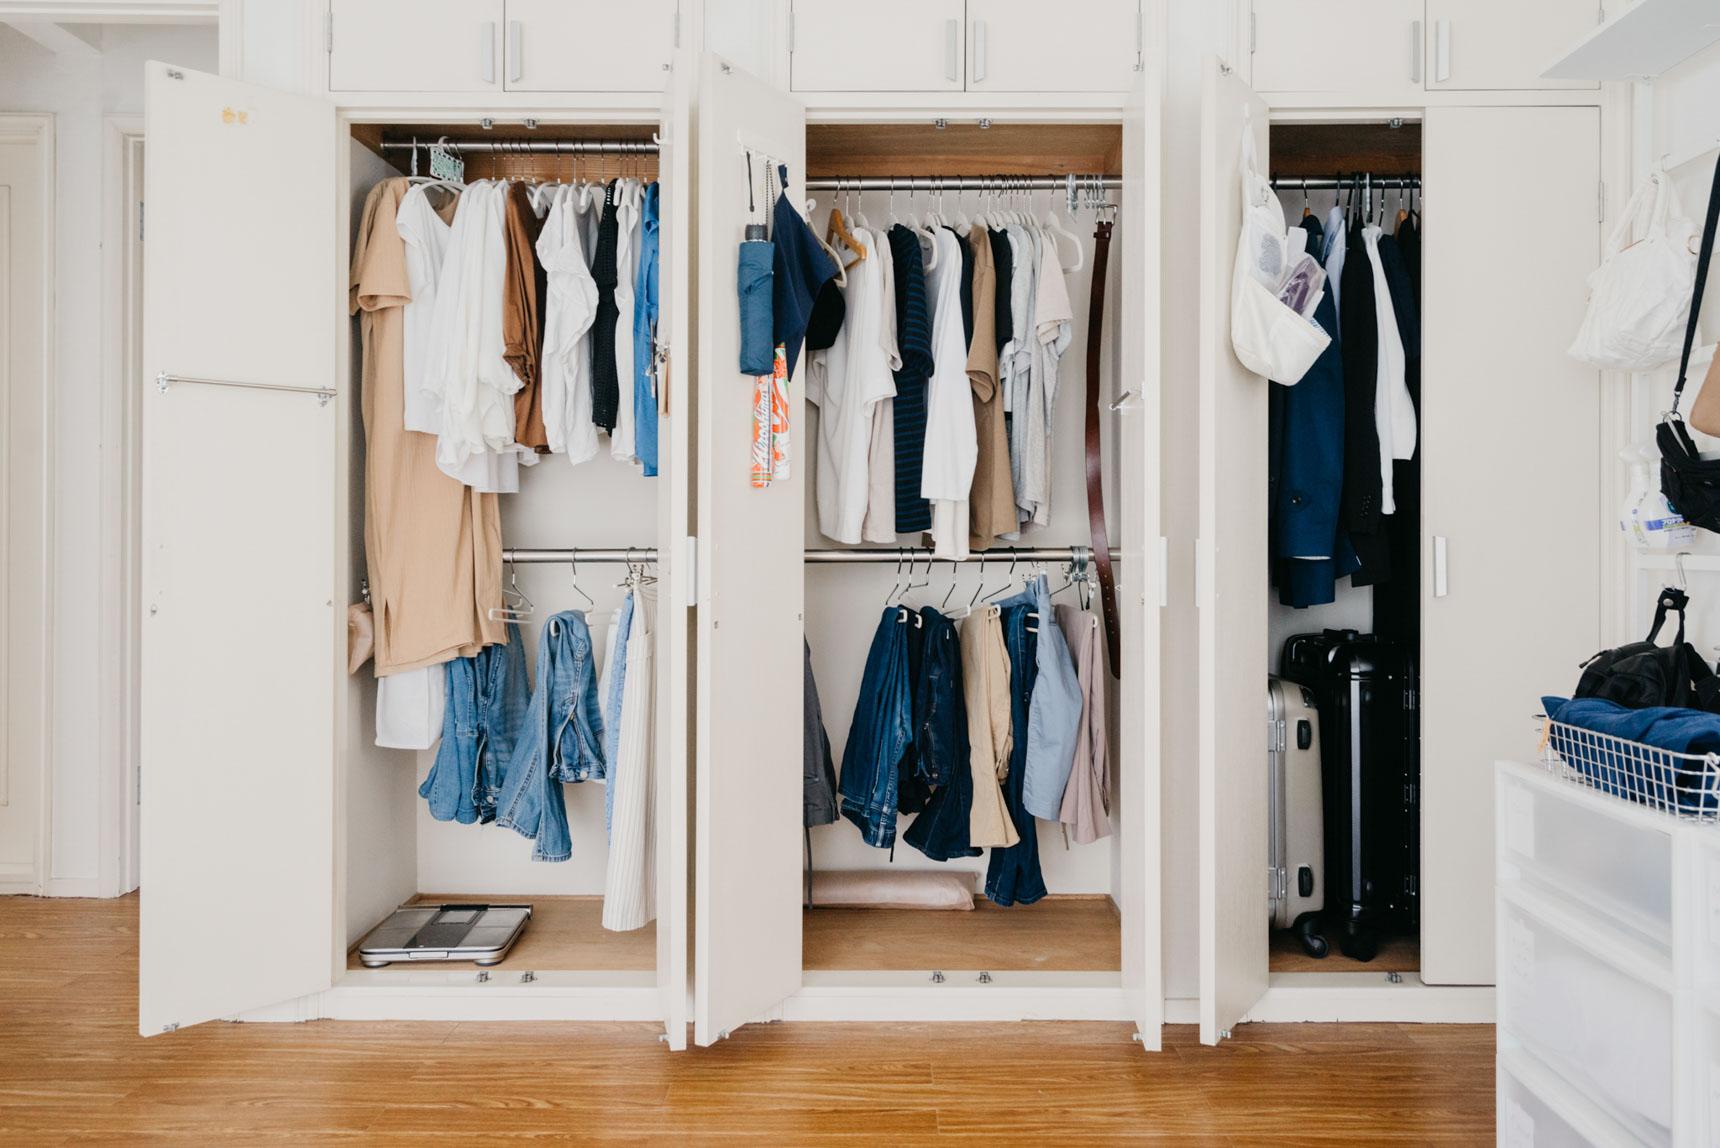 隣の部屋にはクローゼットがあり、主にご夫婦のオンシーズンのお洋服がまとめられています。こちらもシンプル!